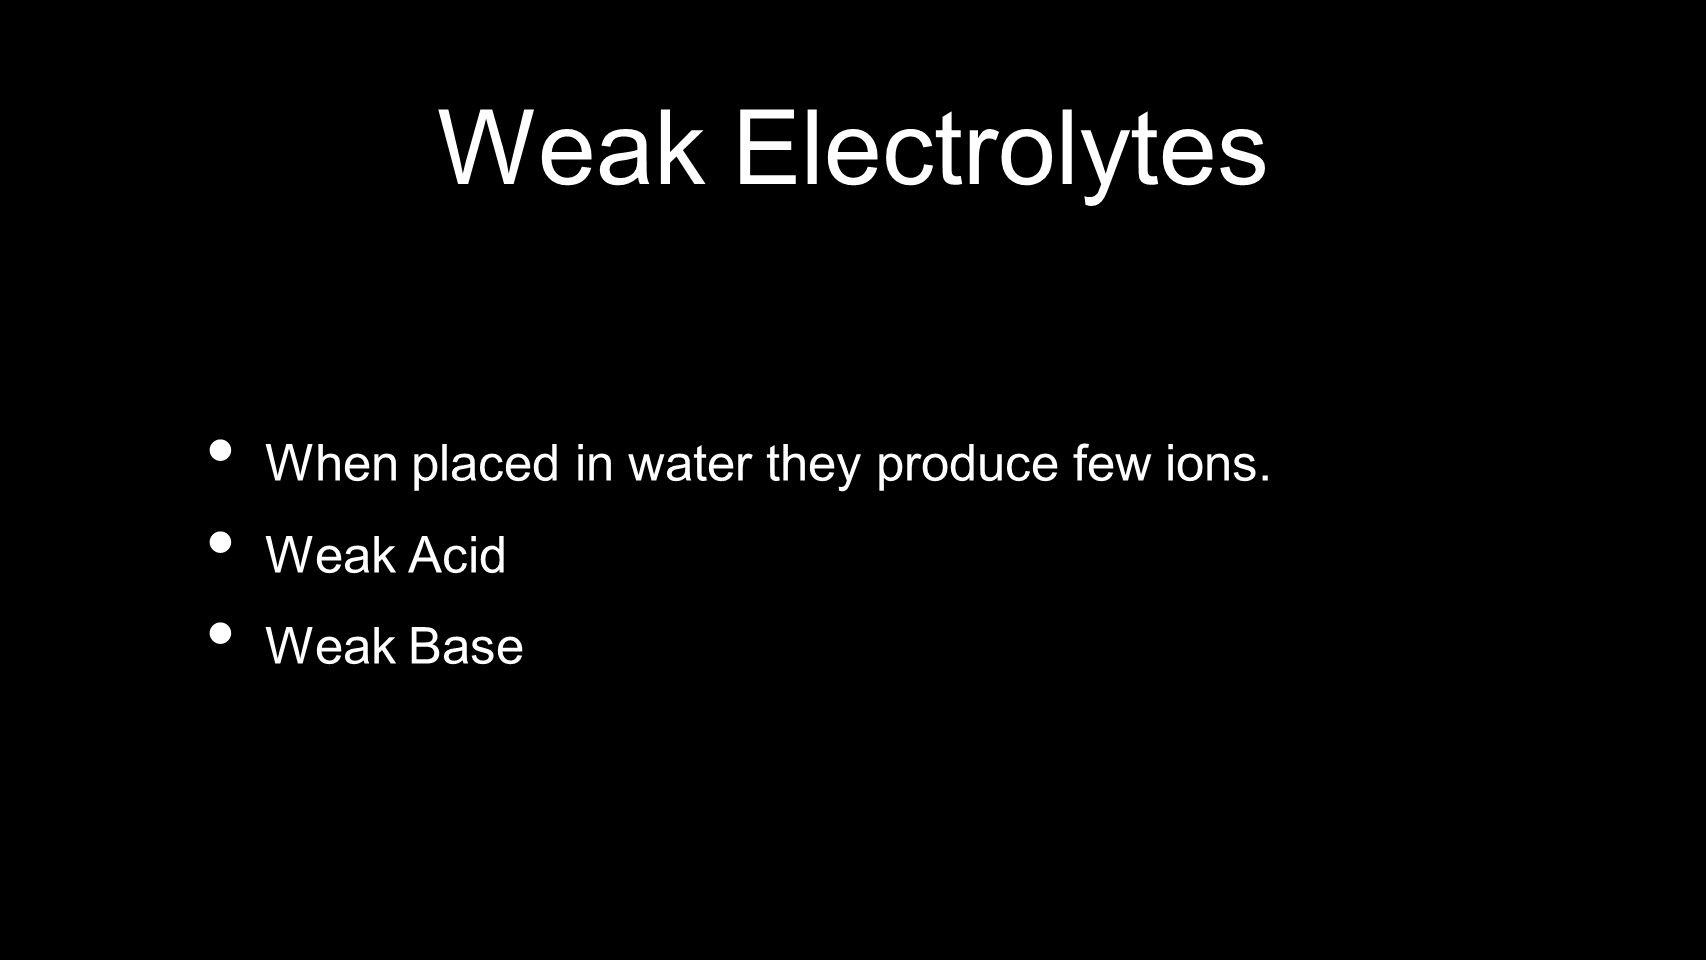 Weak Electrolytes When placed in water they produce few ions. Weak Acid Weak Base